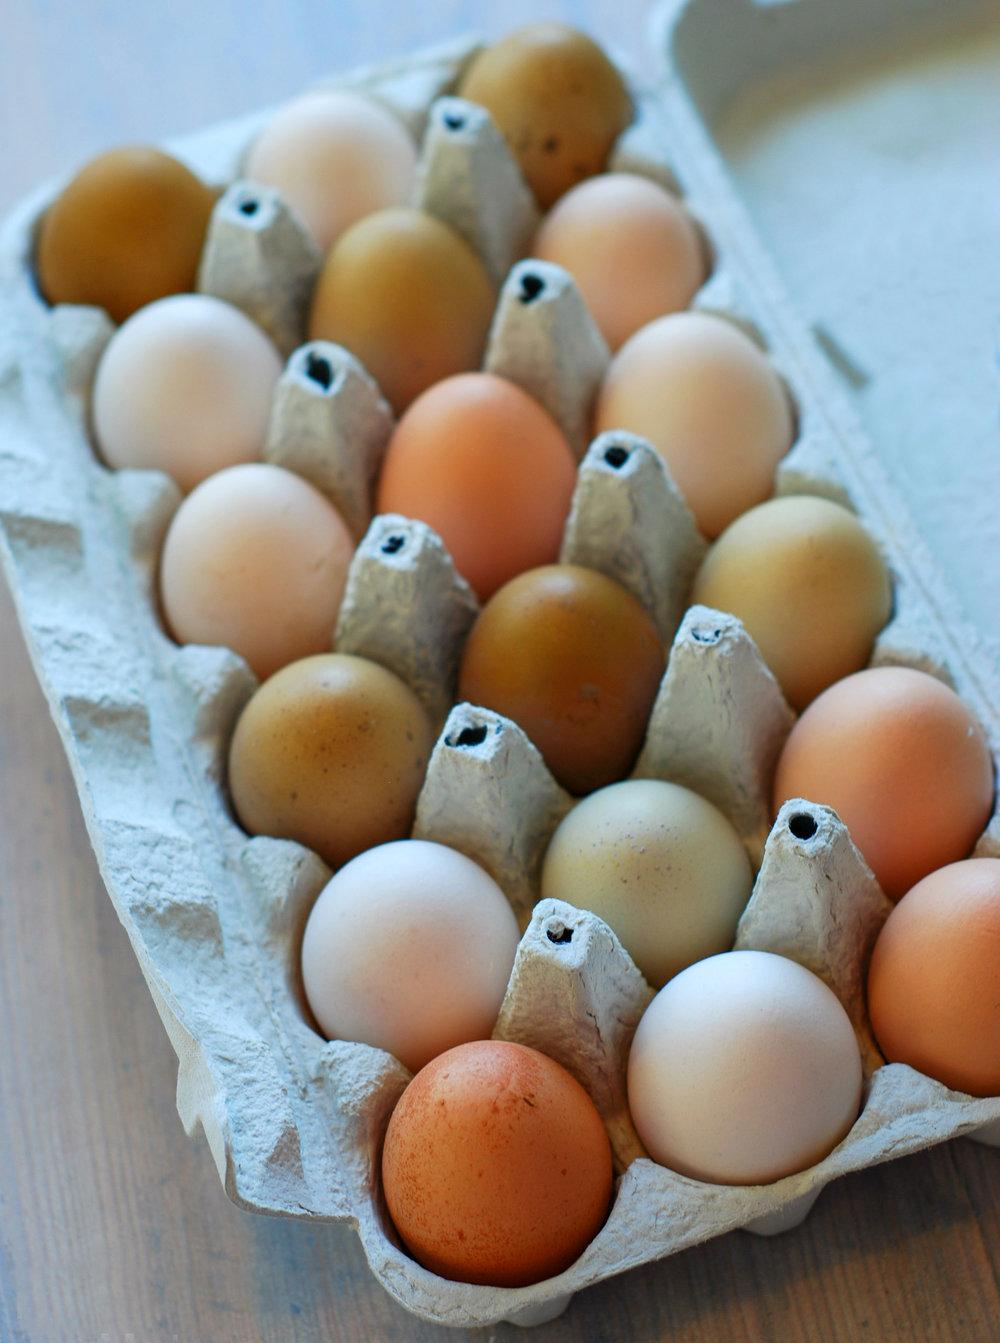 Fargerikt . Egg fra en salig blanding av Pål sine høner.